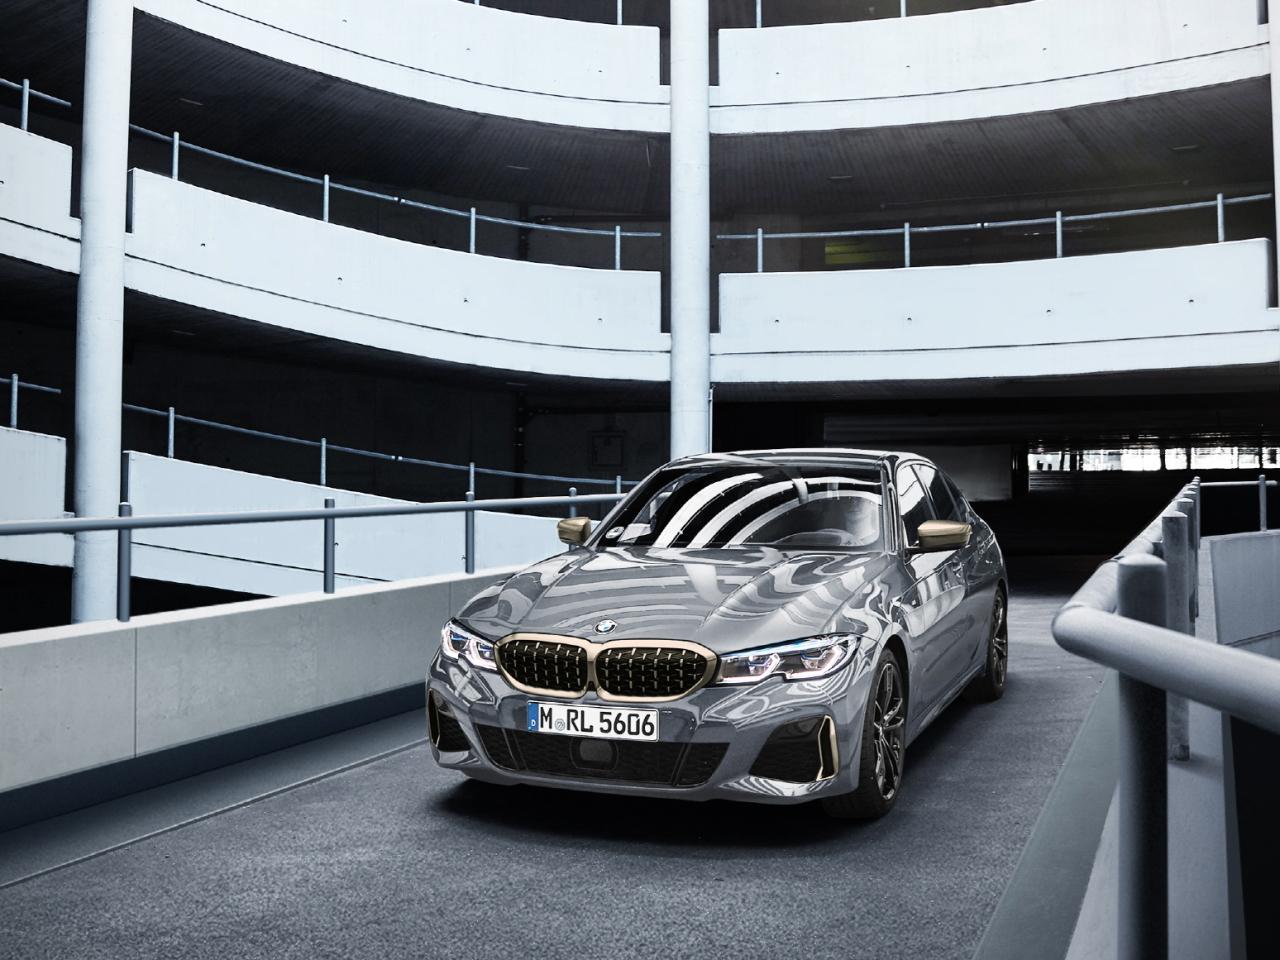 M340i BMW Korea (BMW Korea)